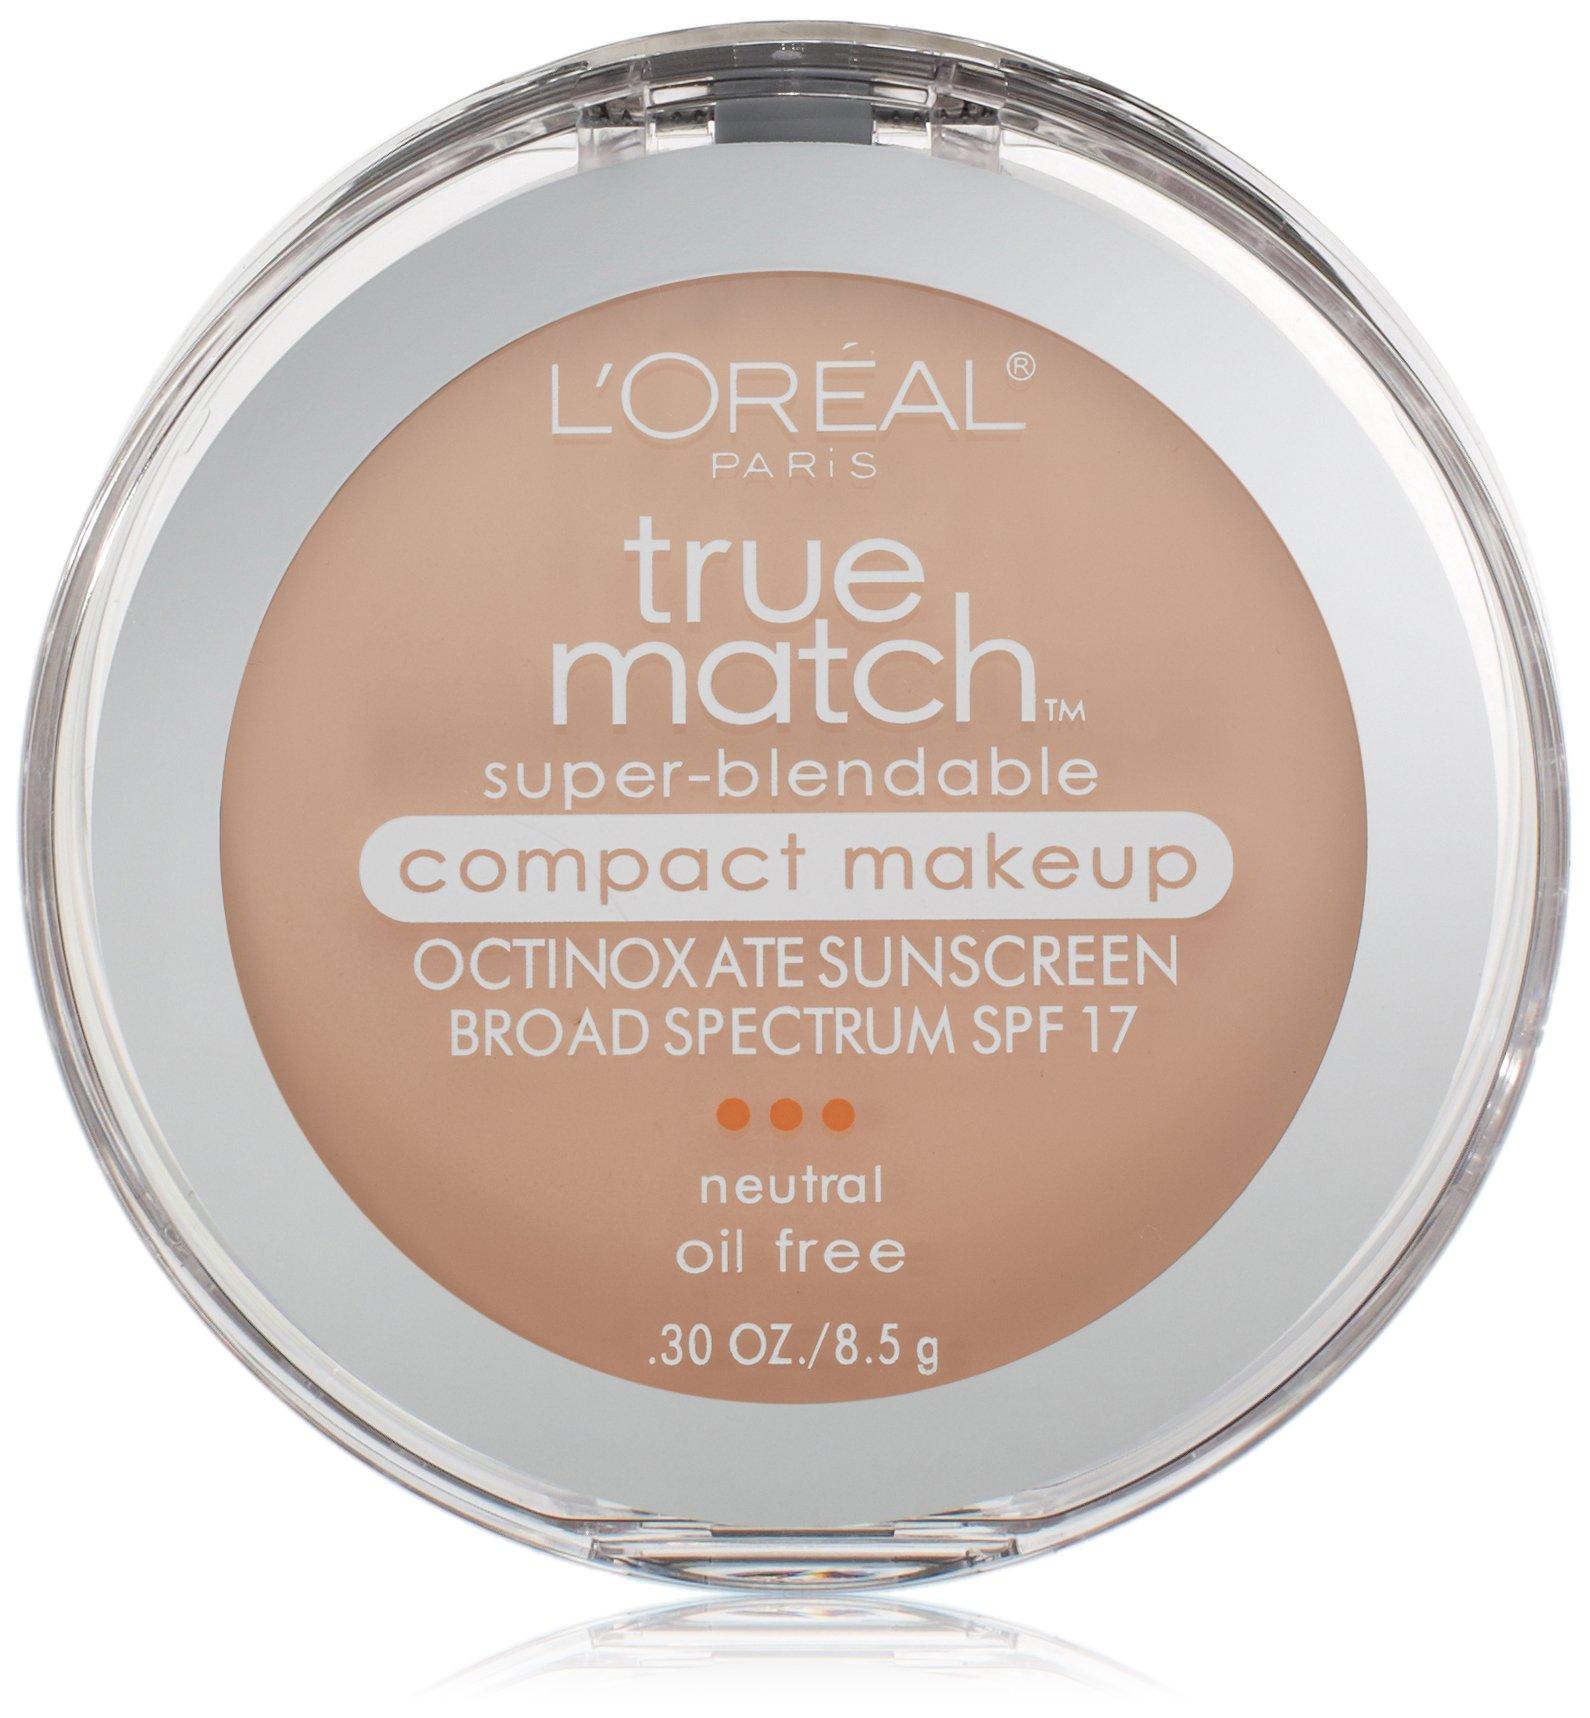 L'Oreal Paris True Match Super-Blendable Compact Makeup, Classic Ivory, 0.3 oz.